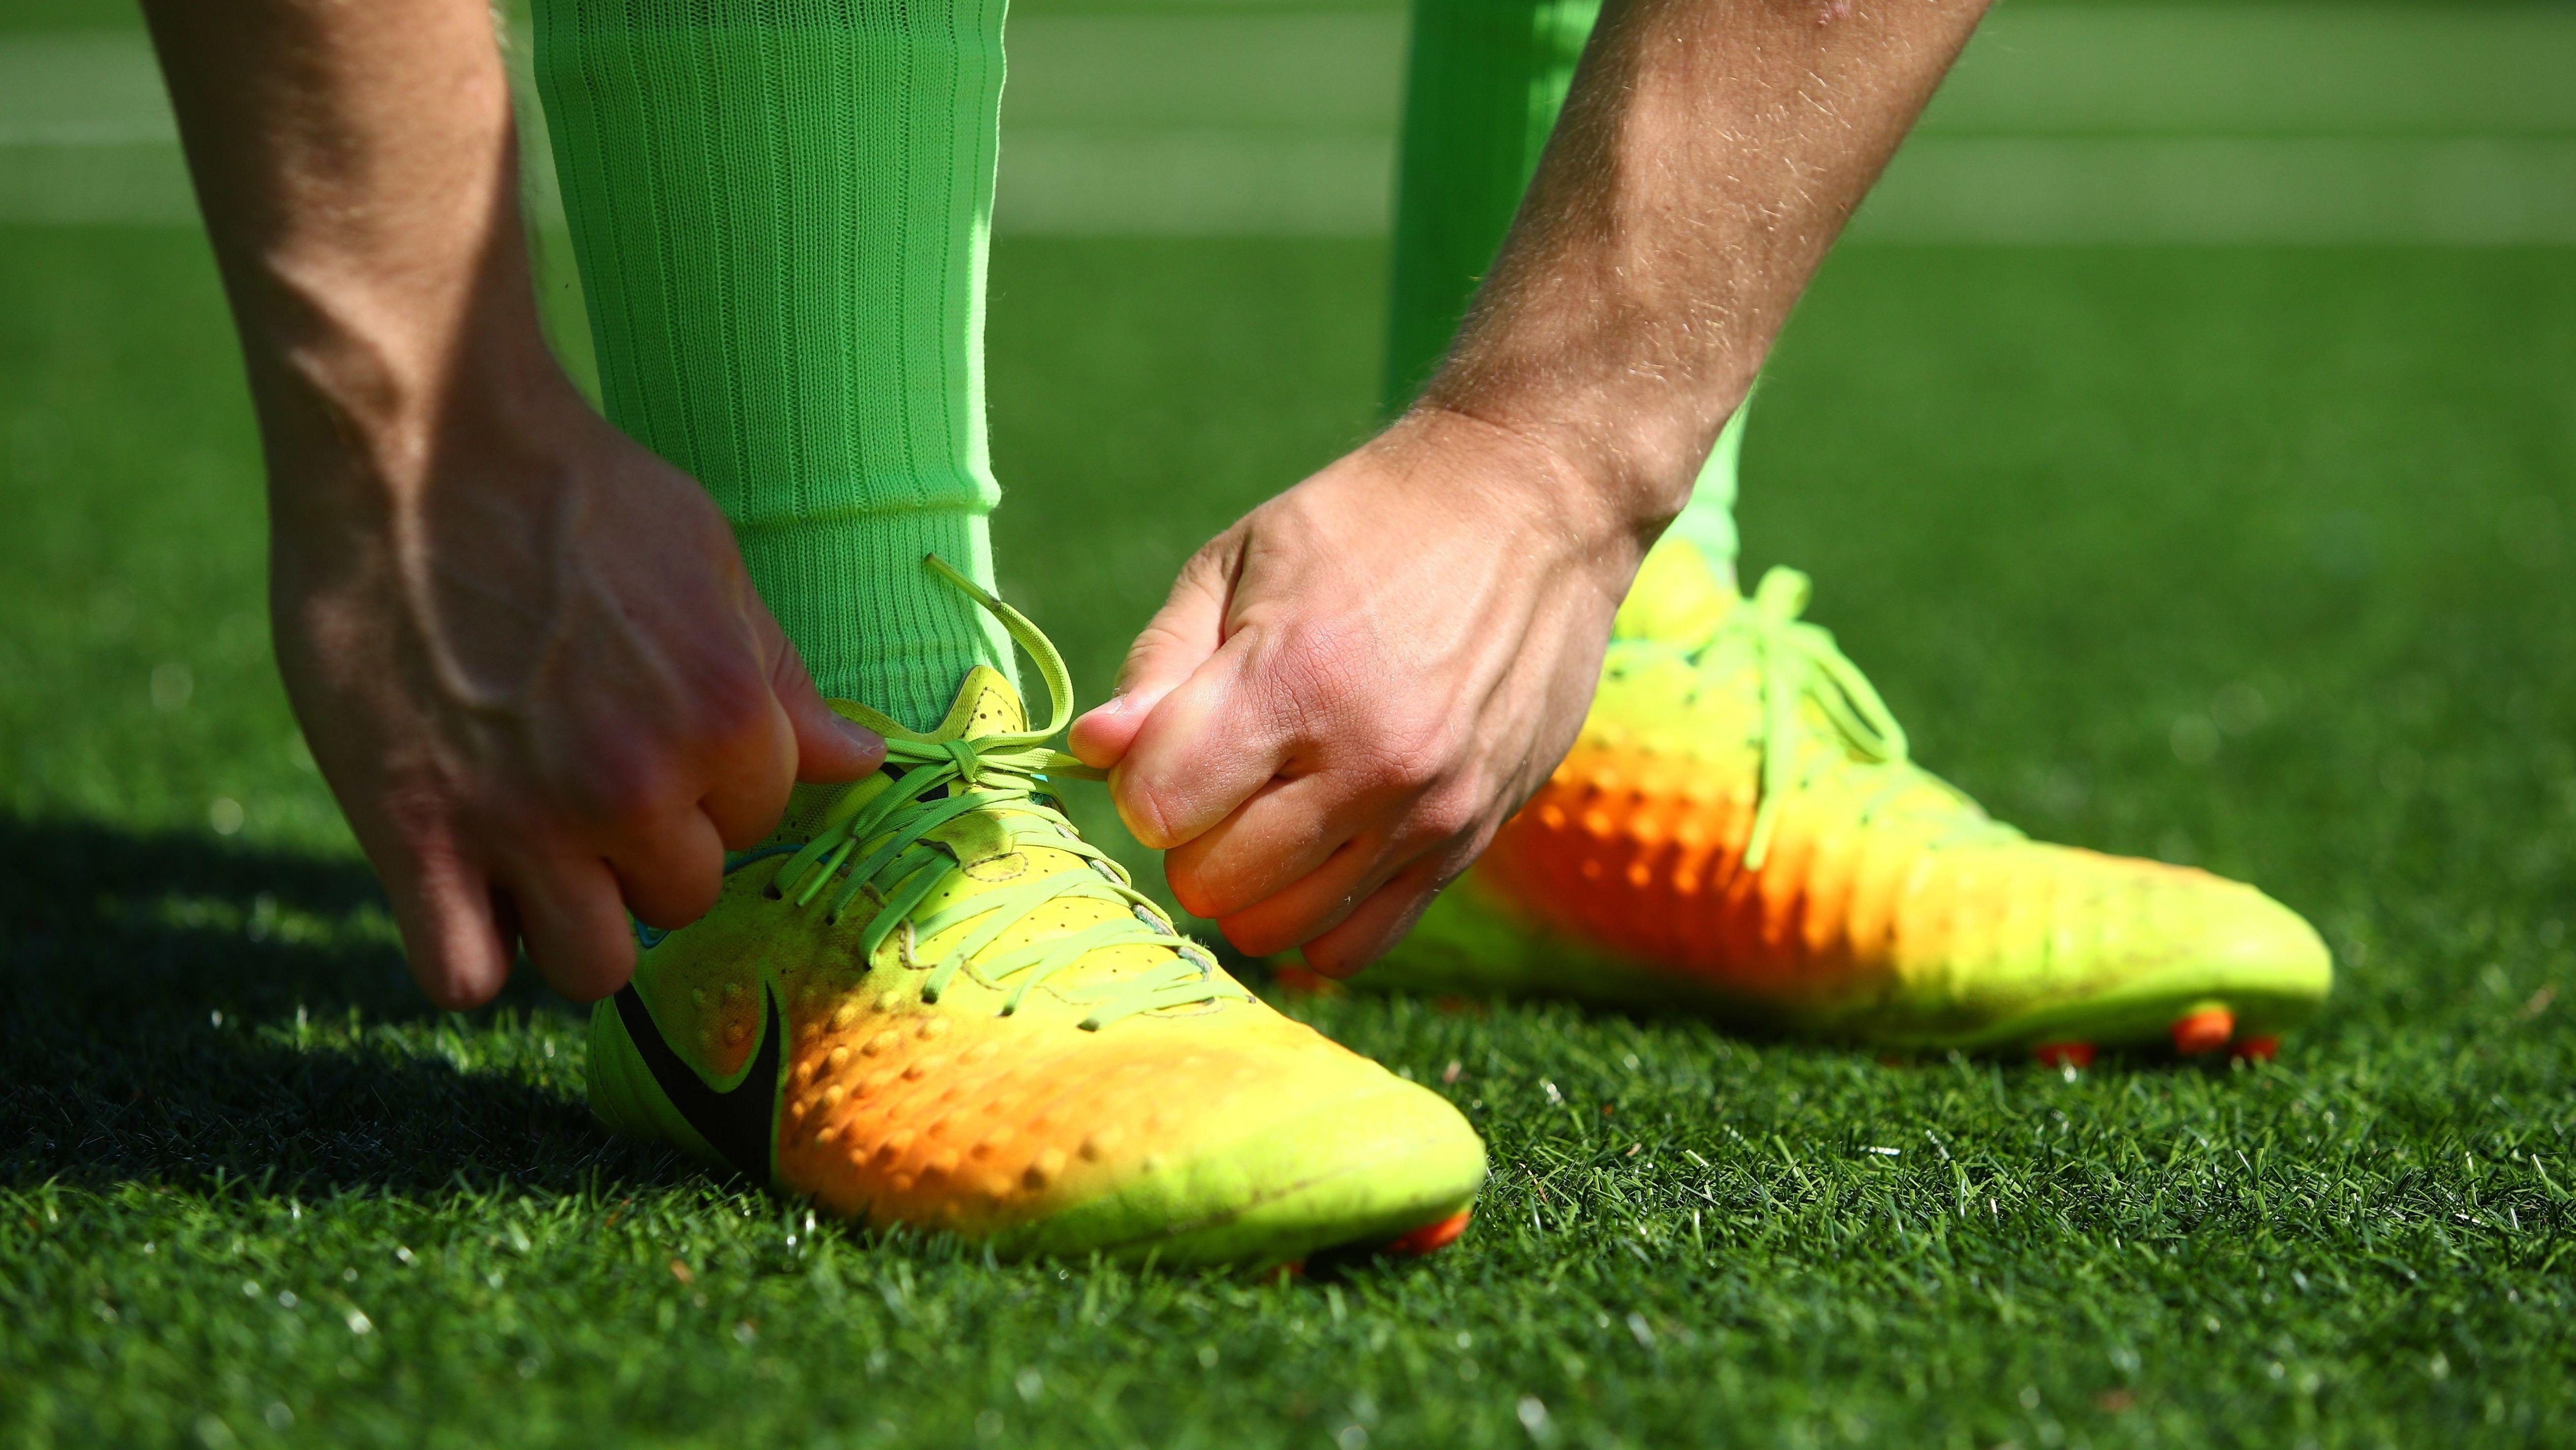 Ein Fußballspieler schnürt sich die Schuhe (Symbolbild).